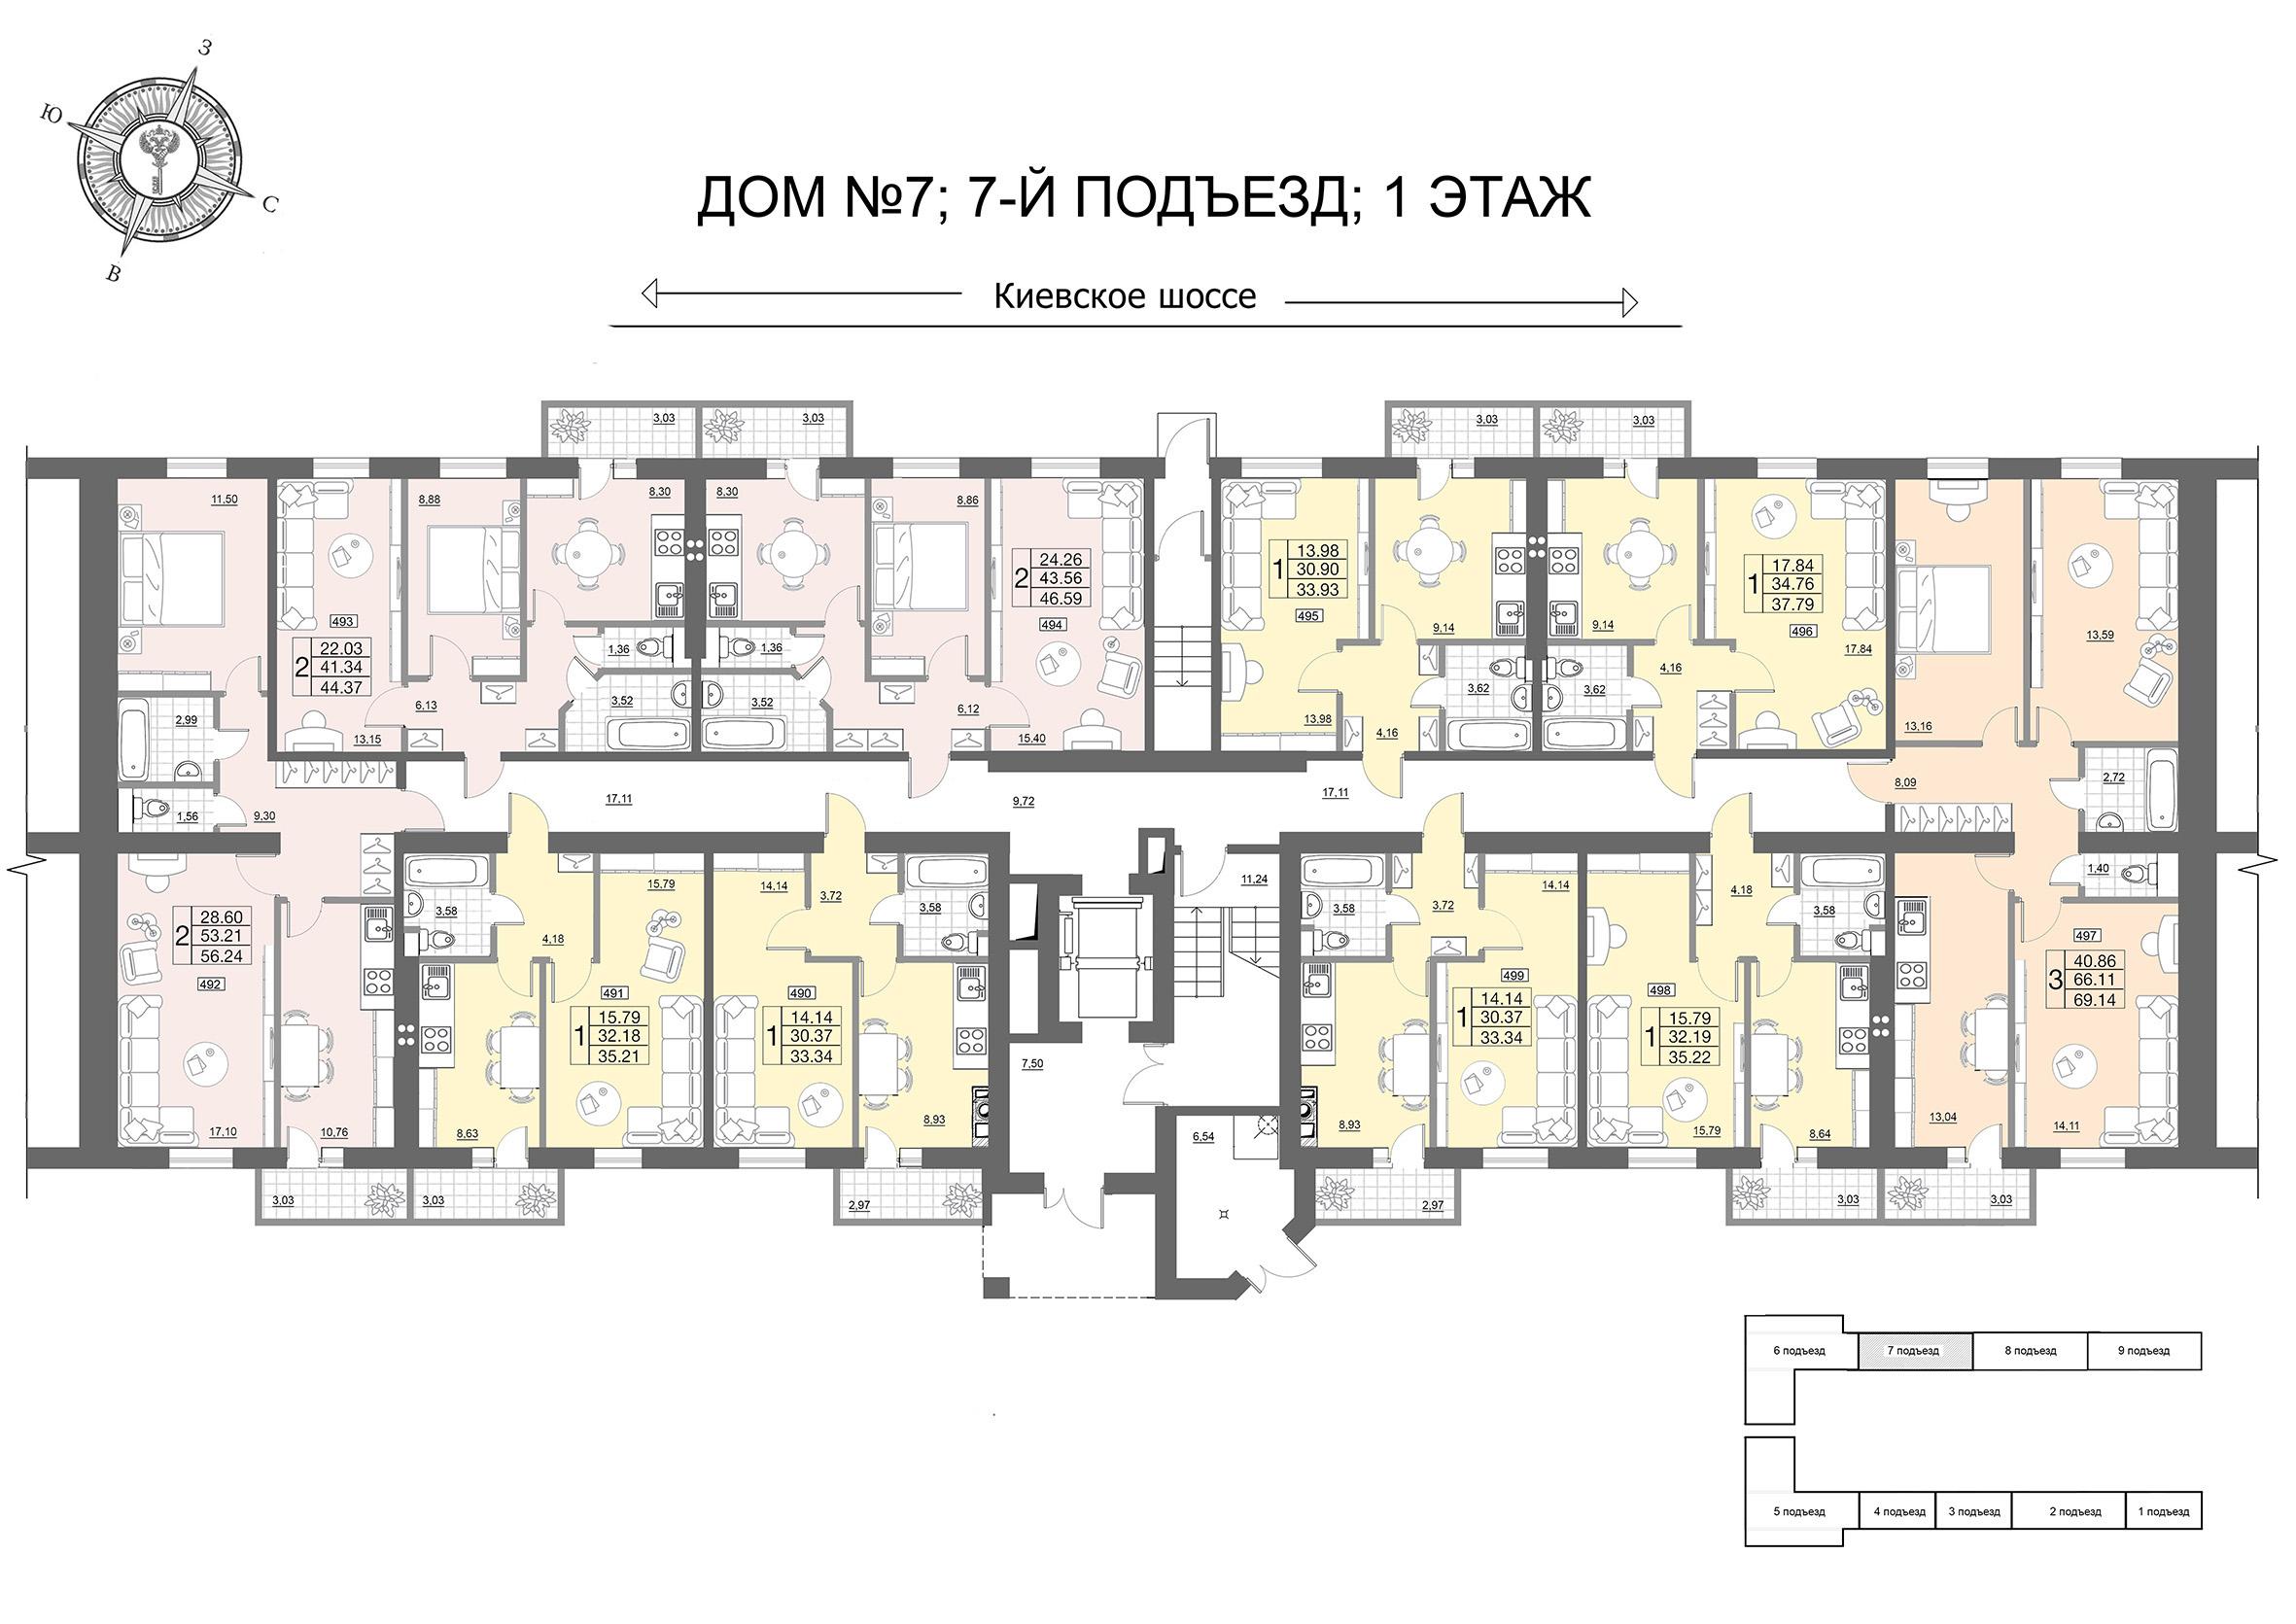 Новый Смоленск, д. 7